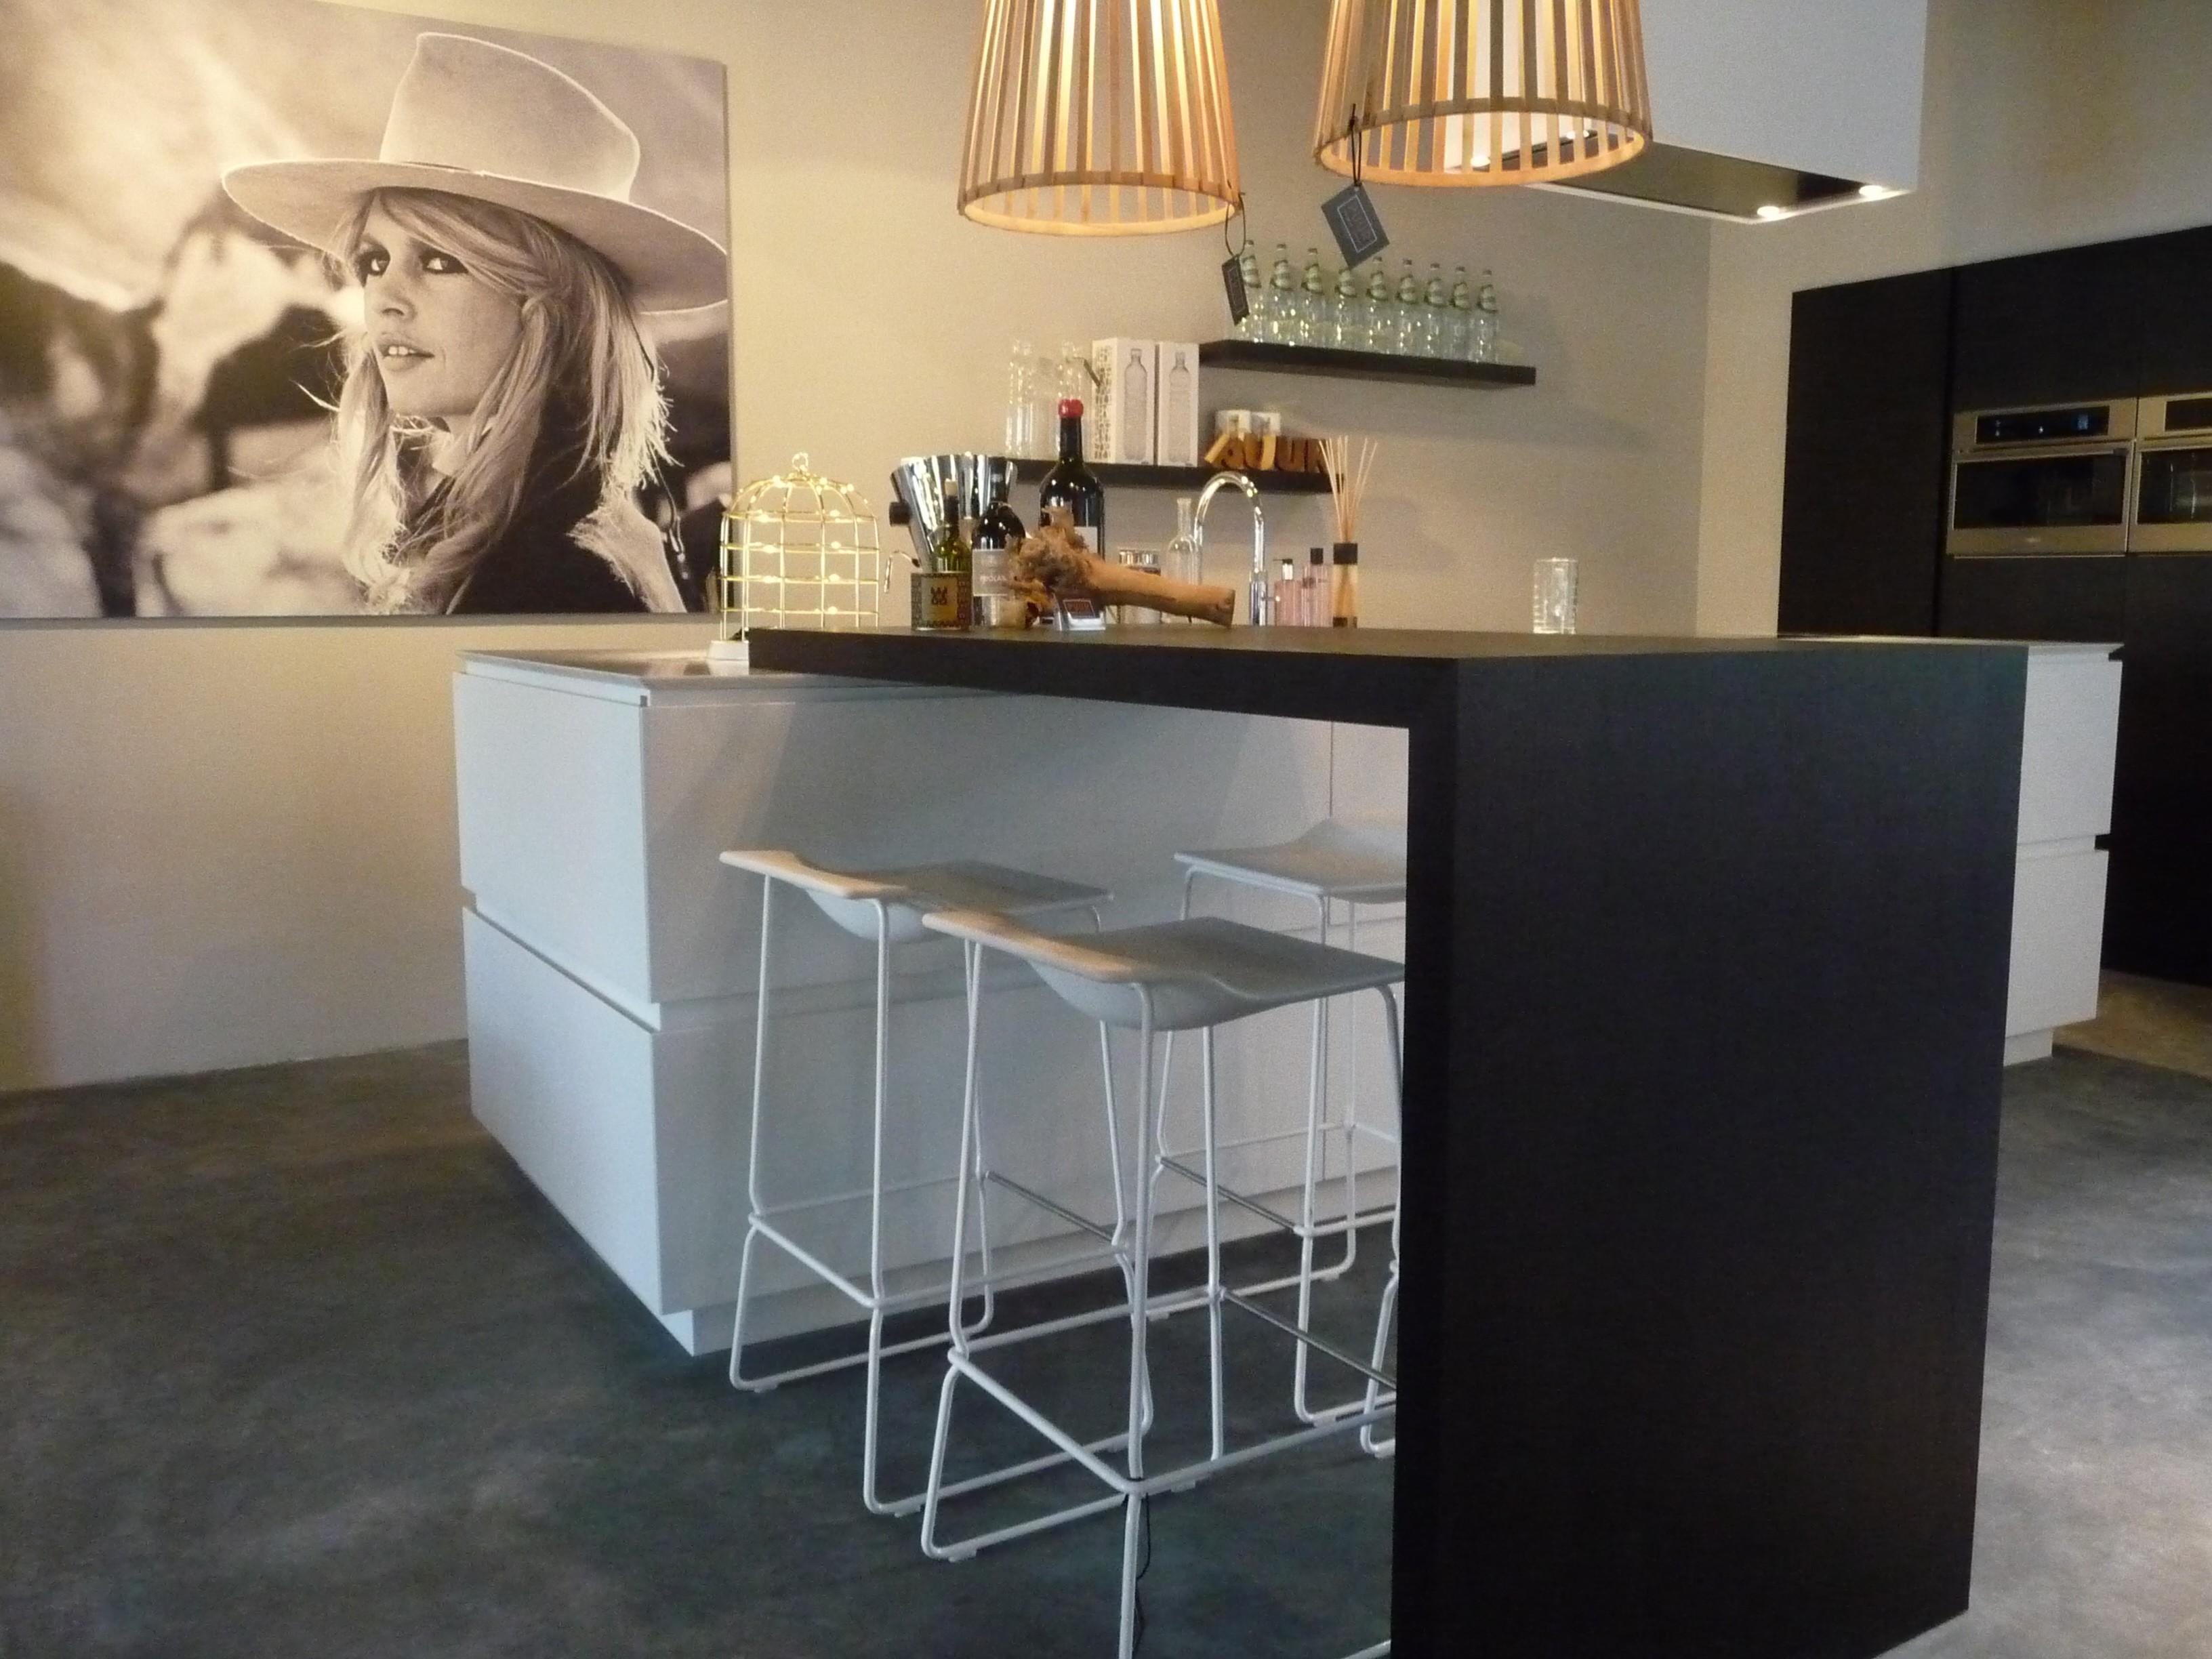 Design Keukens Showroommodellen : Gatronome maatwerk keuken van puur design interieur naar